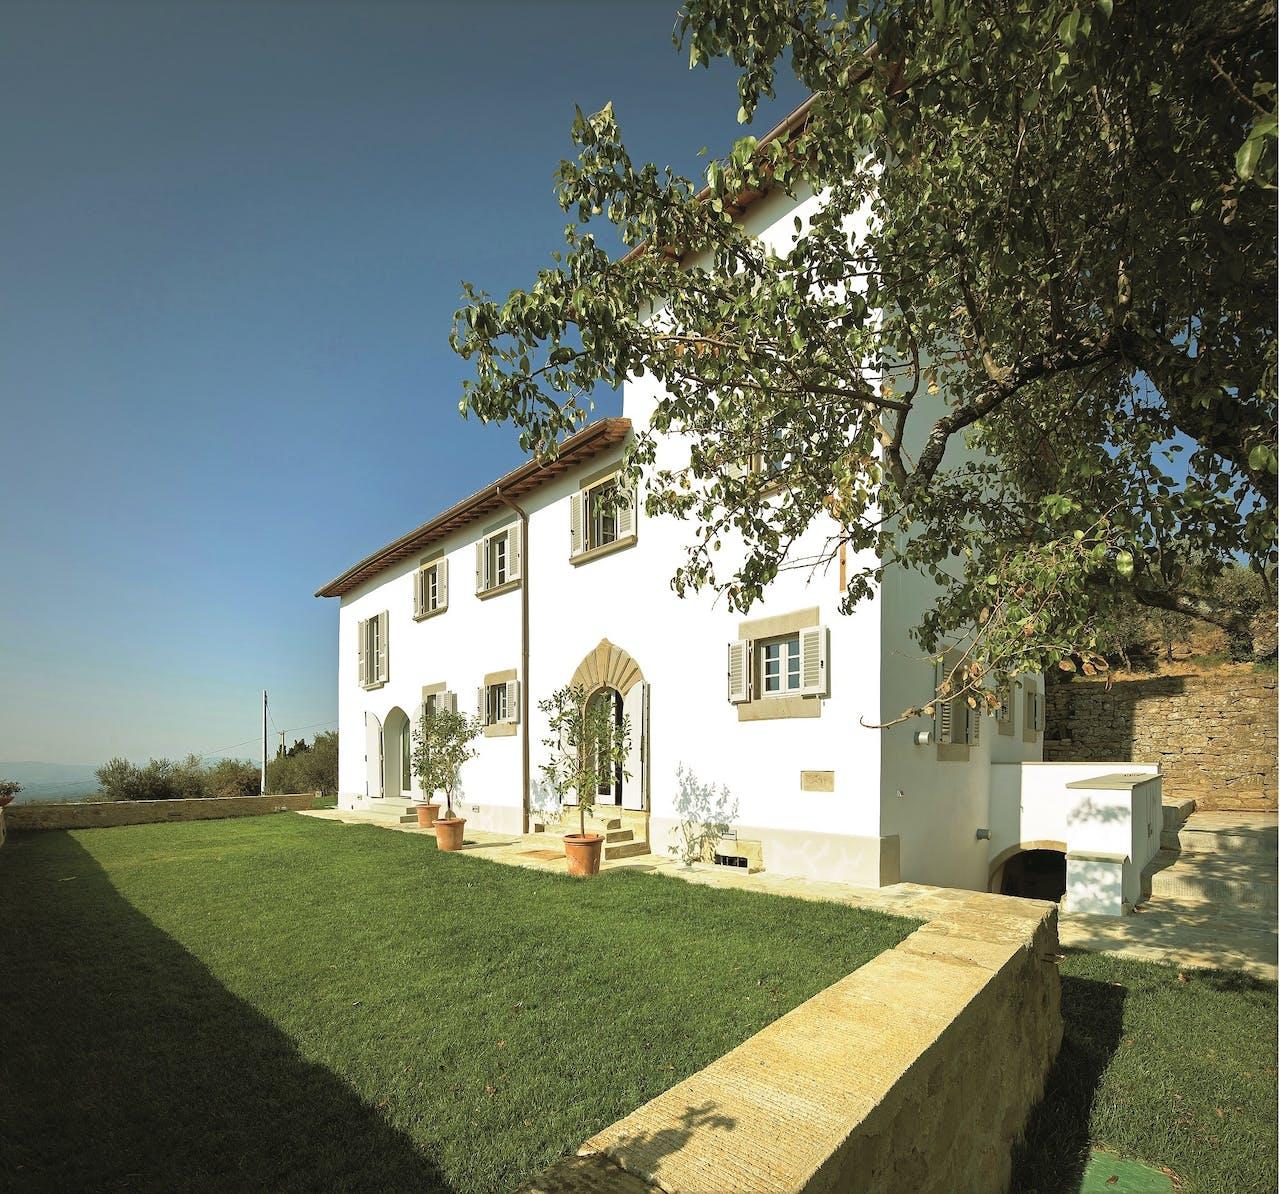 Huis te koop bijzondere vakantie huizen in zuid europa for Bijzondere huizen te koop